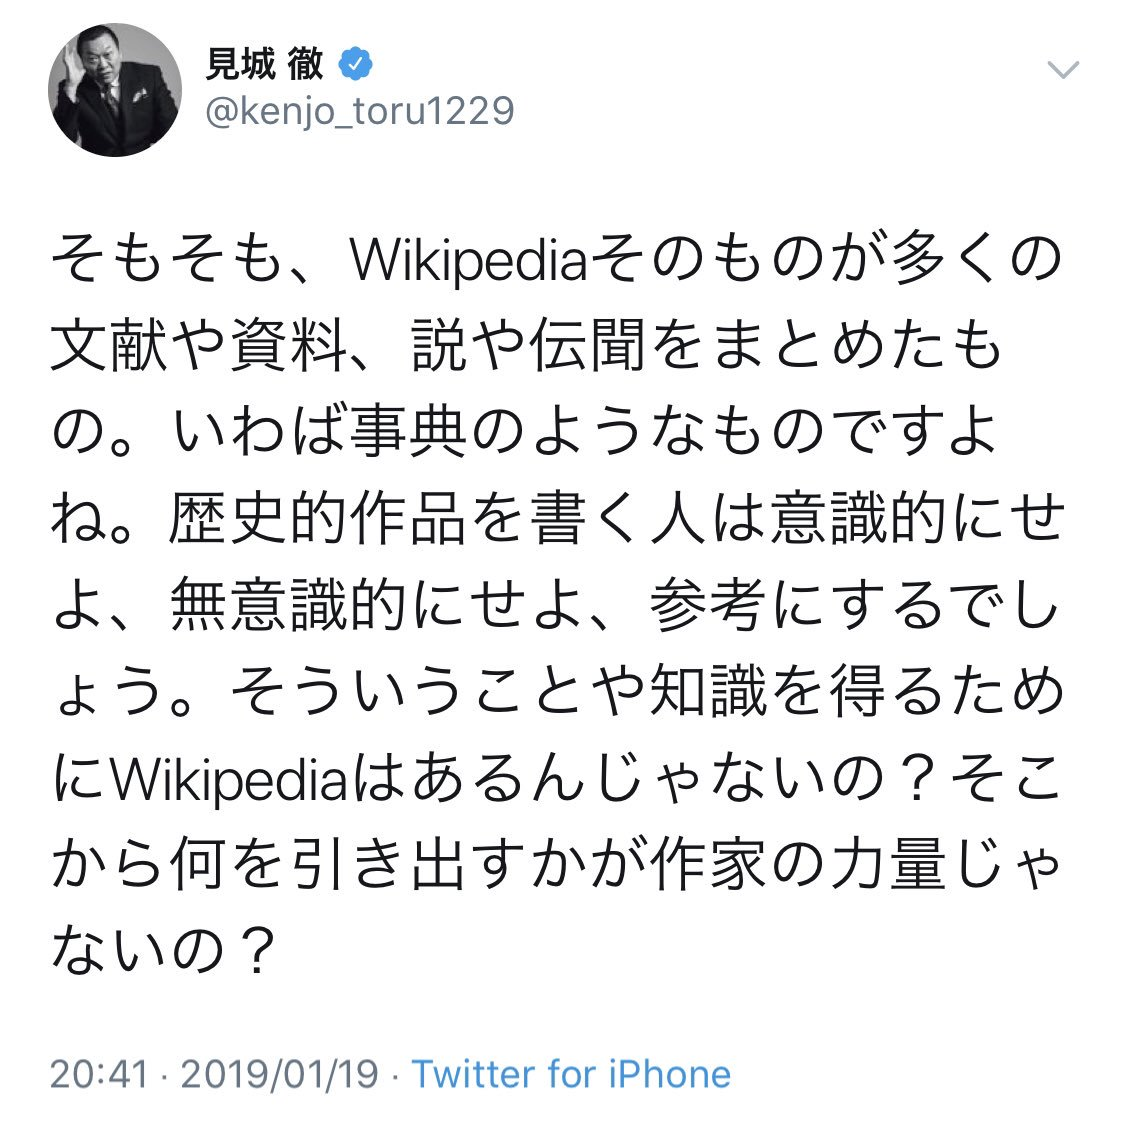 RT @ryuryukyu: 出版社のトップが著作権を守る意識ゼロってすごくないですか https://t.co/FmPQ7HB7jV